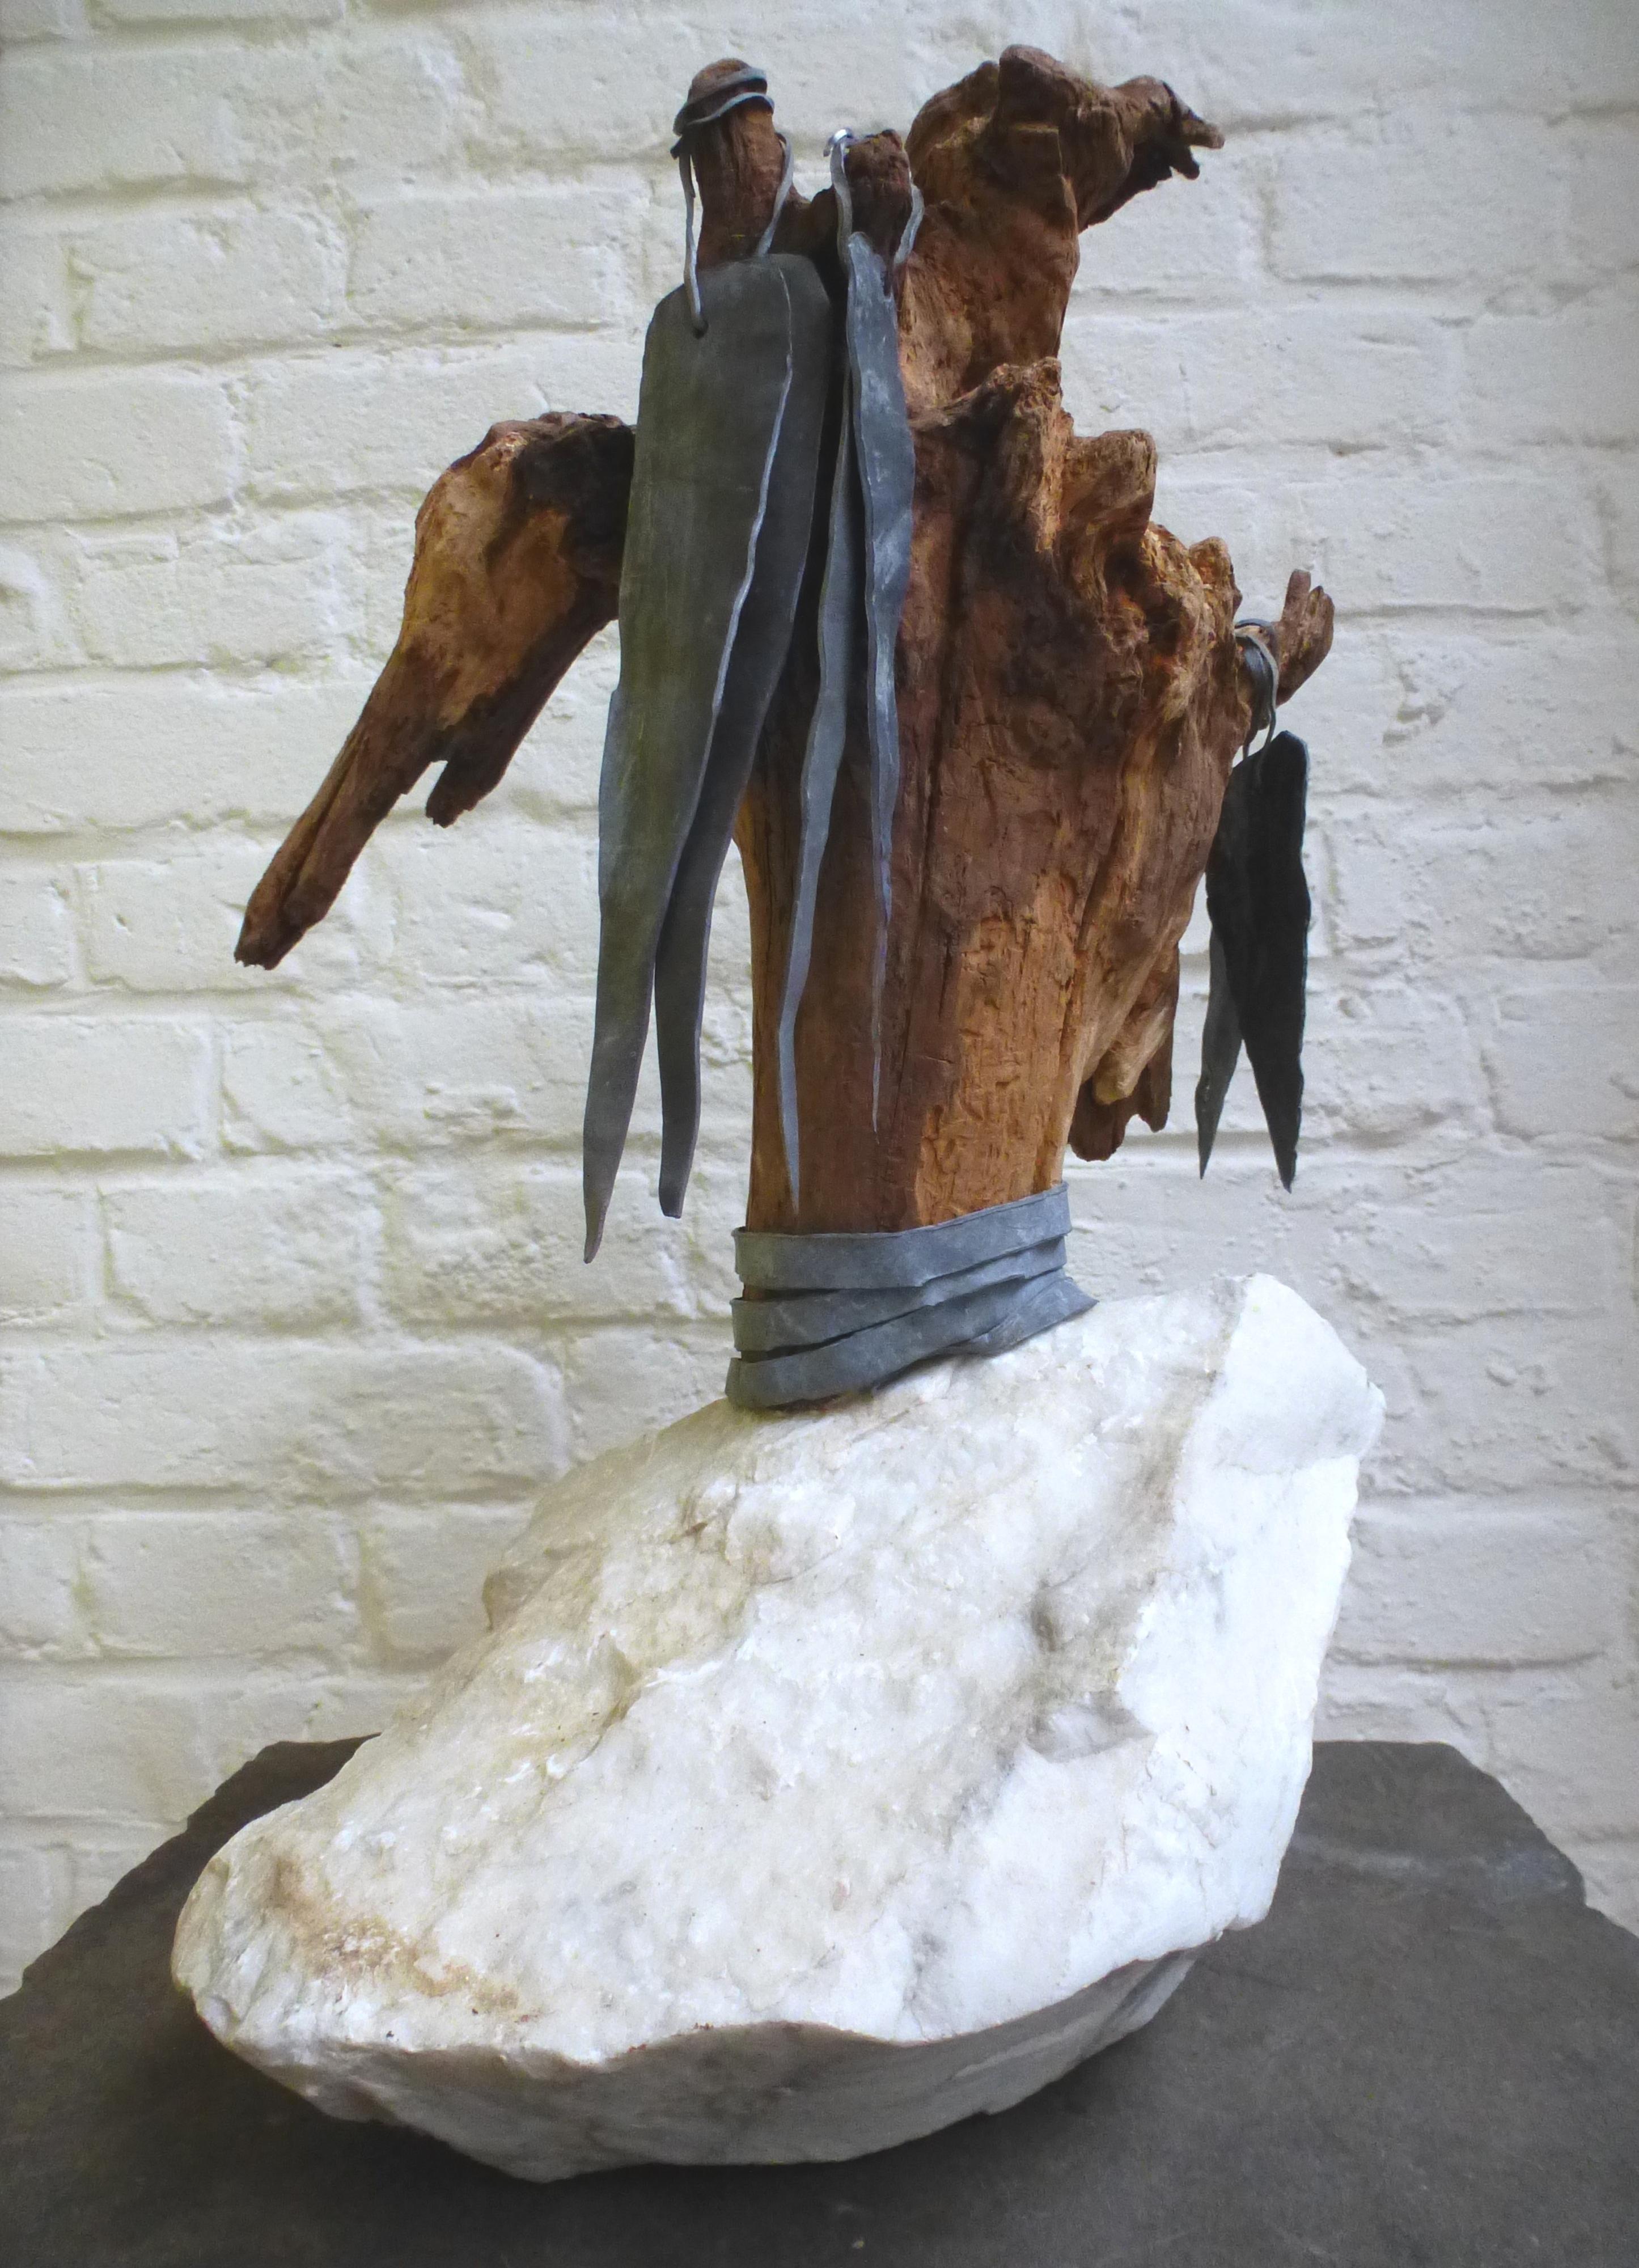 z.t., marmer, hout, lood, hoog 42 cm